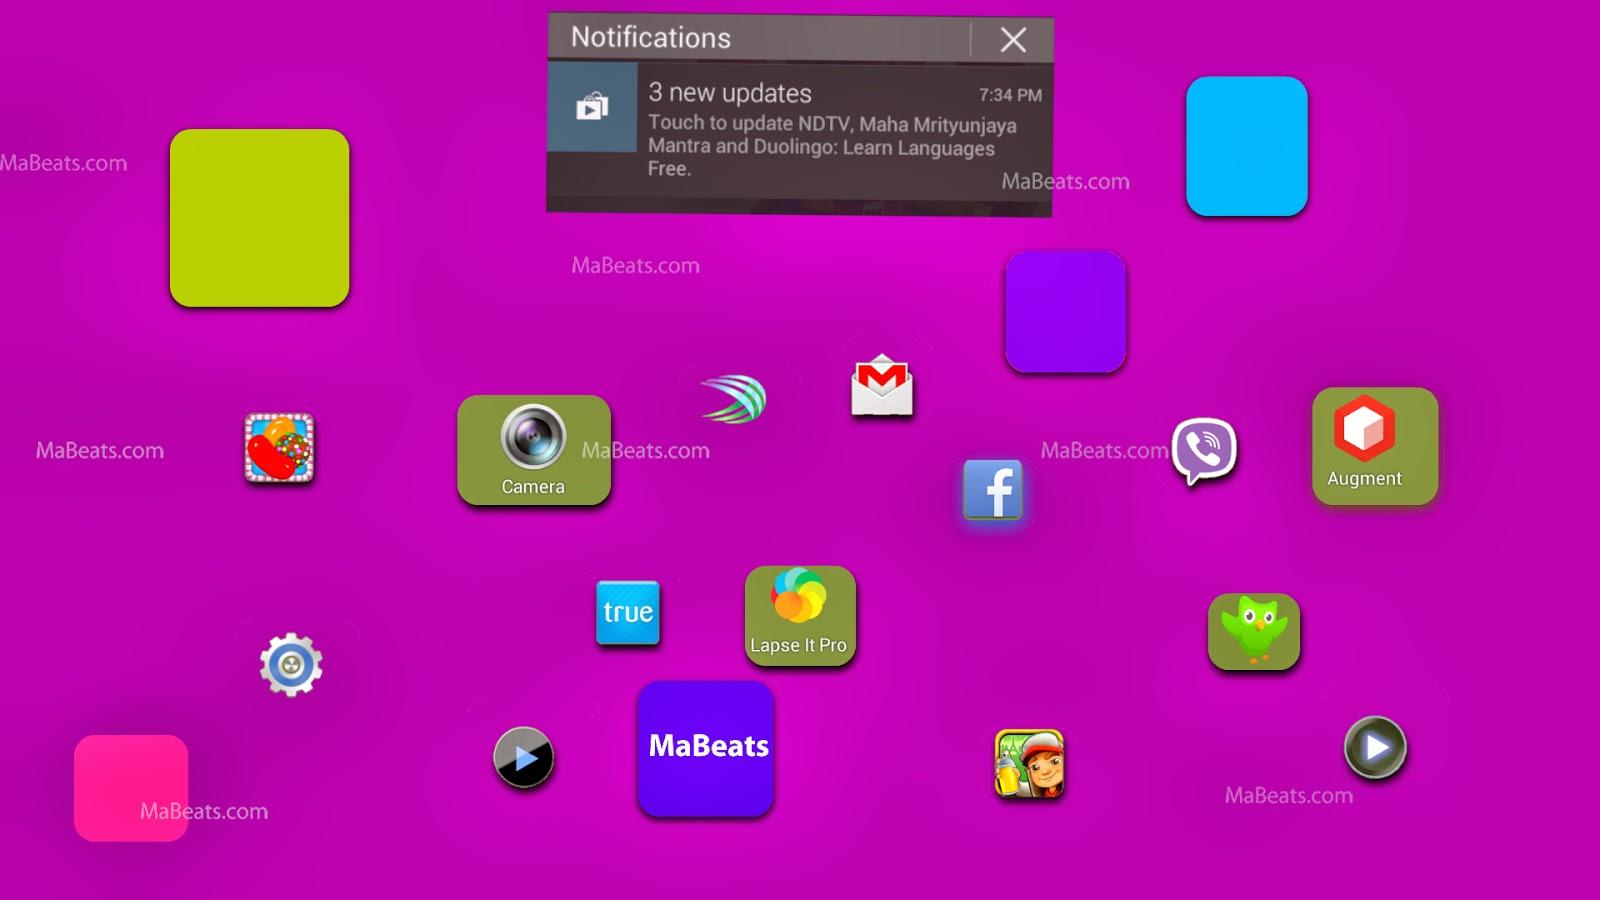 App update - good or bad